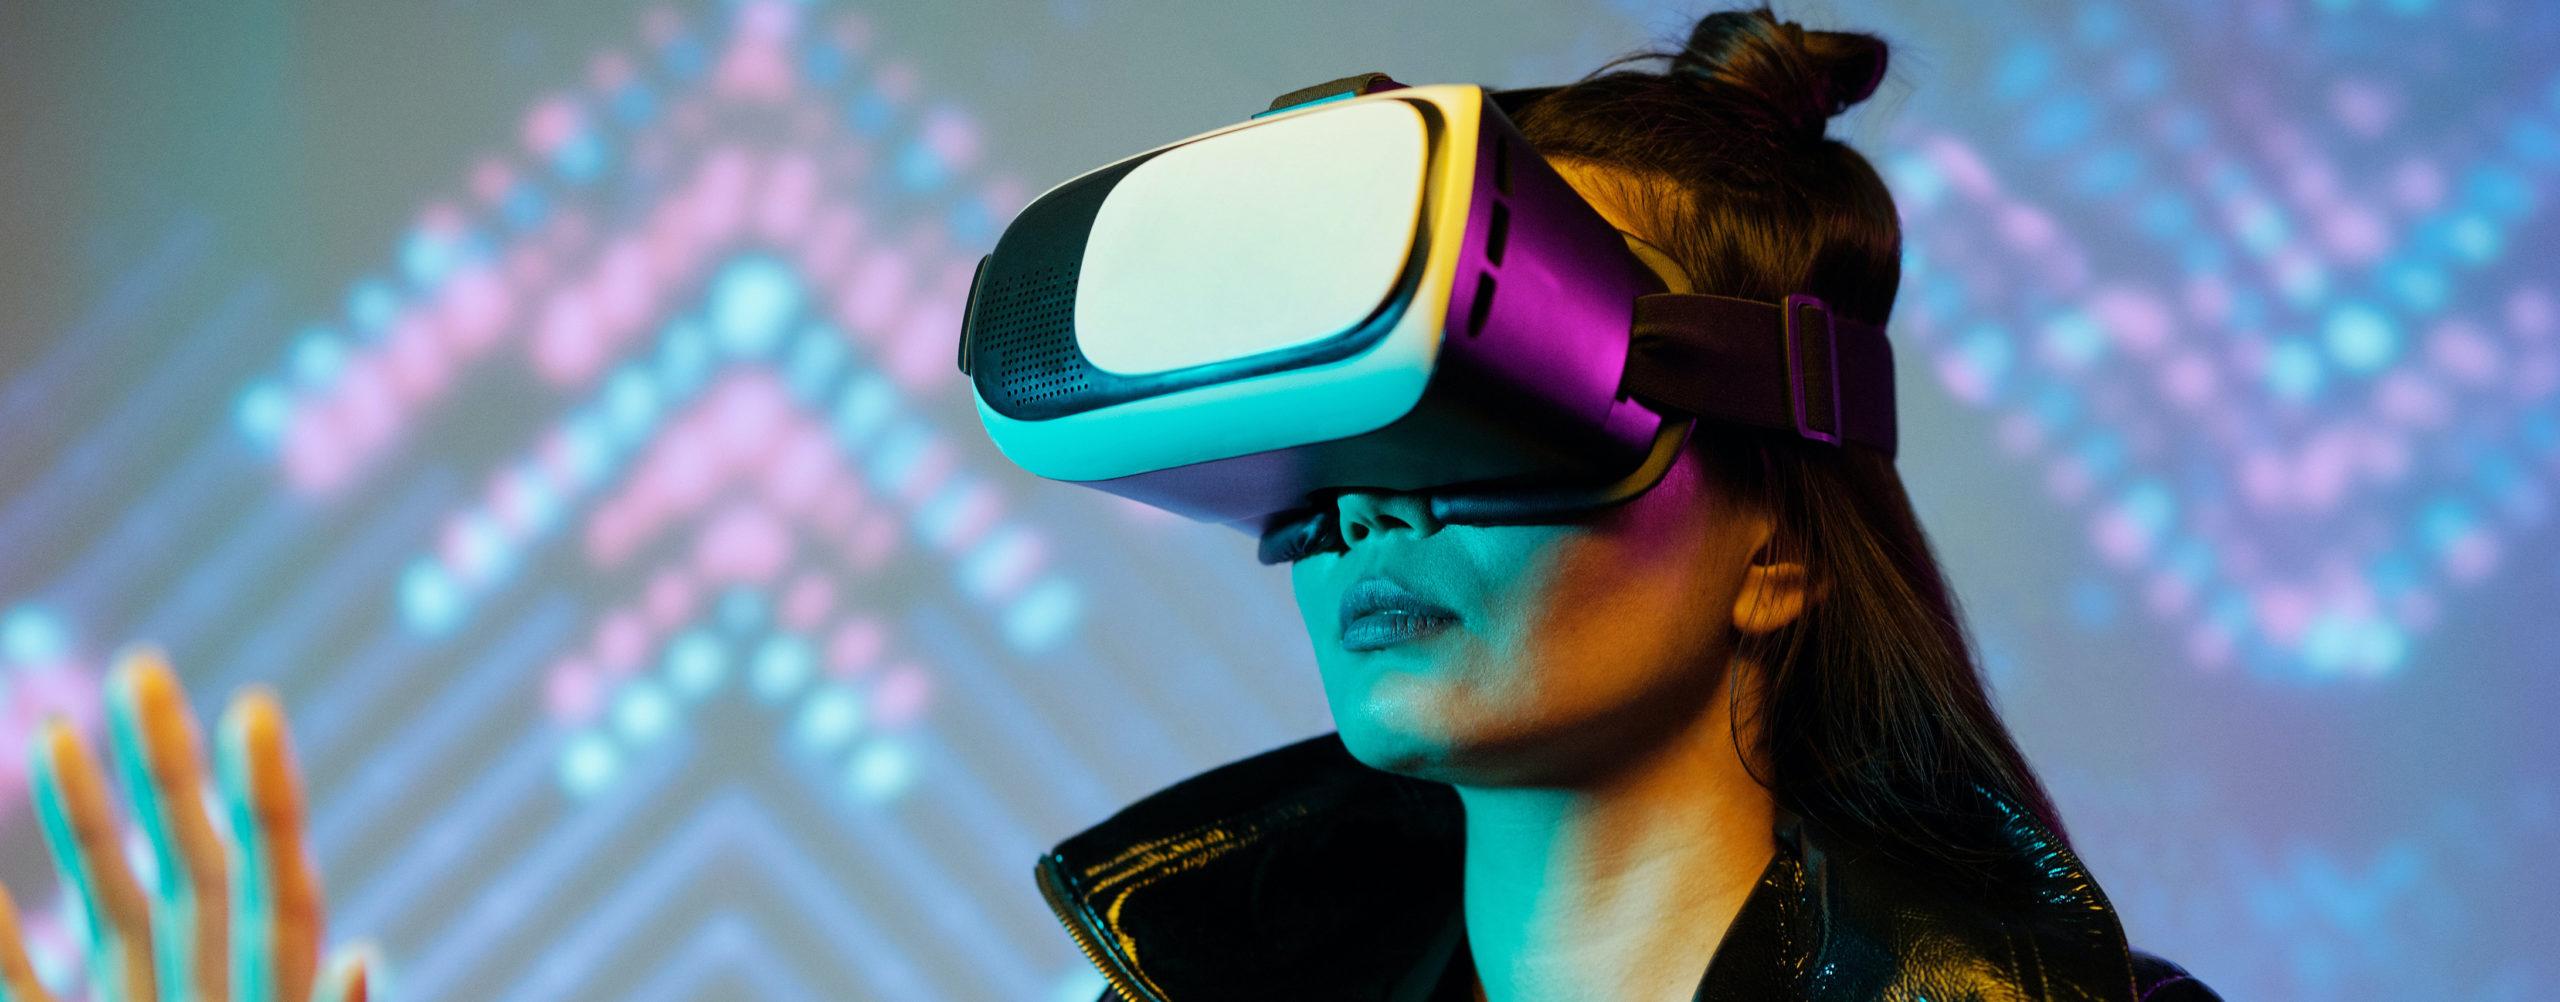 Vive la realidad aumentada de Google 3D